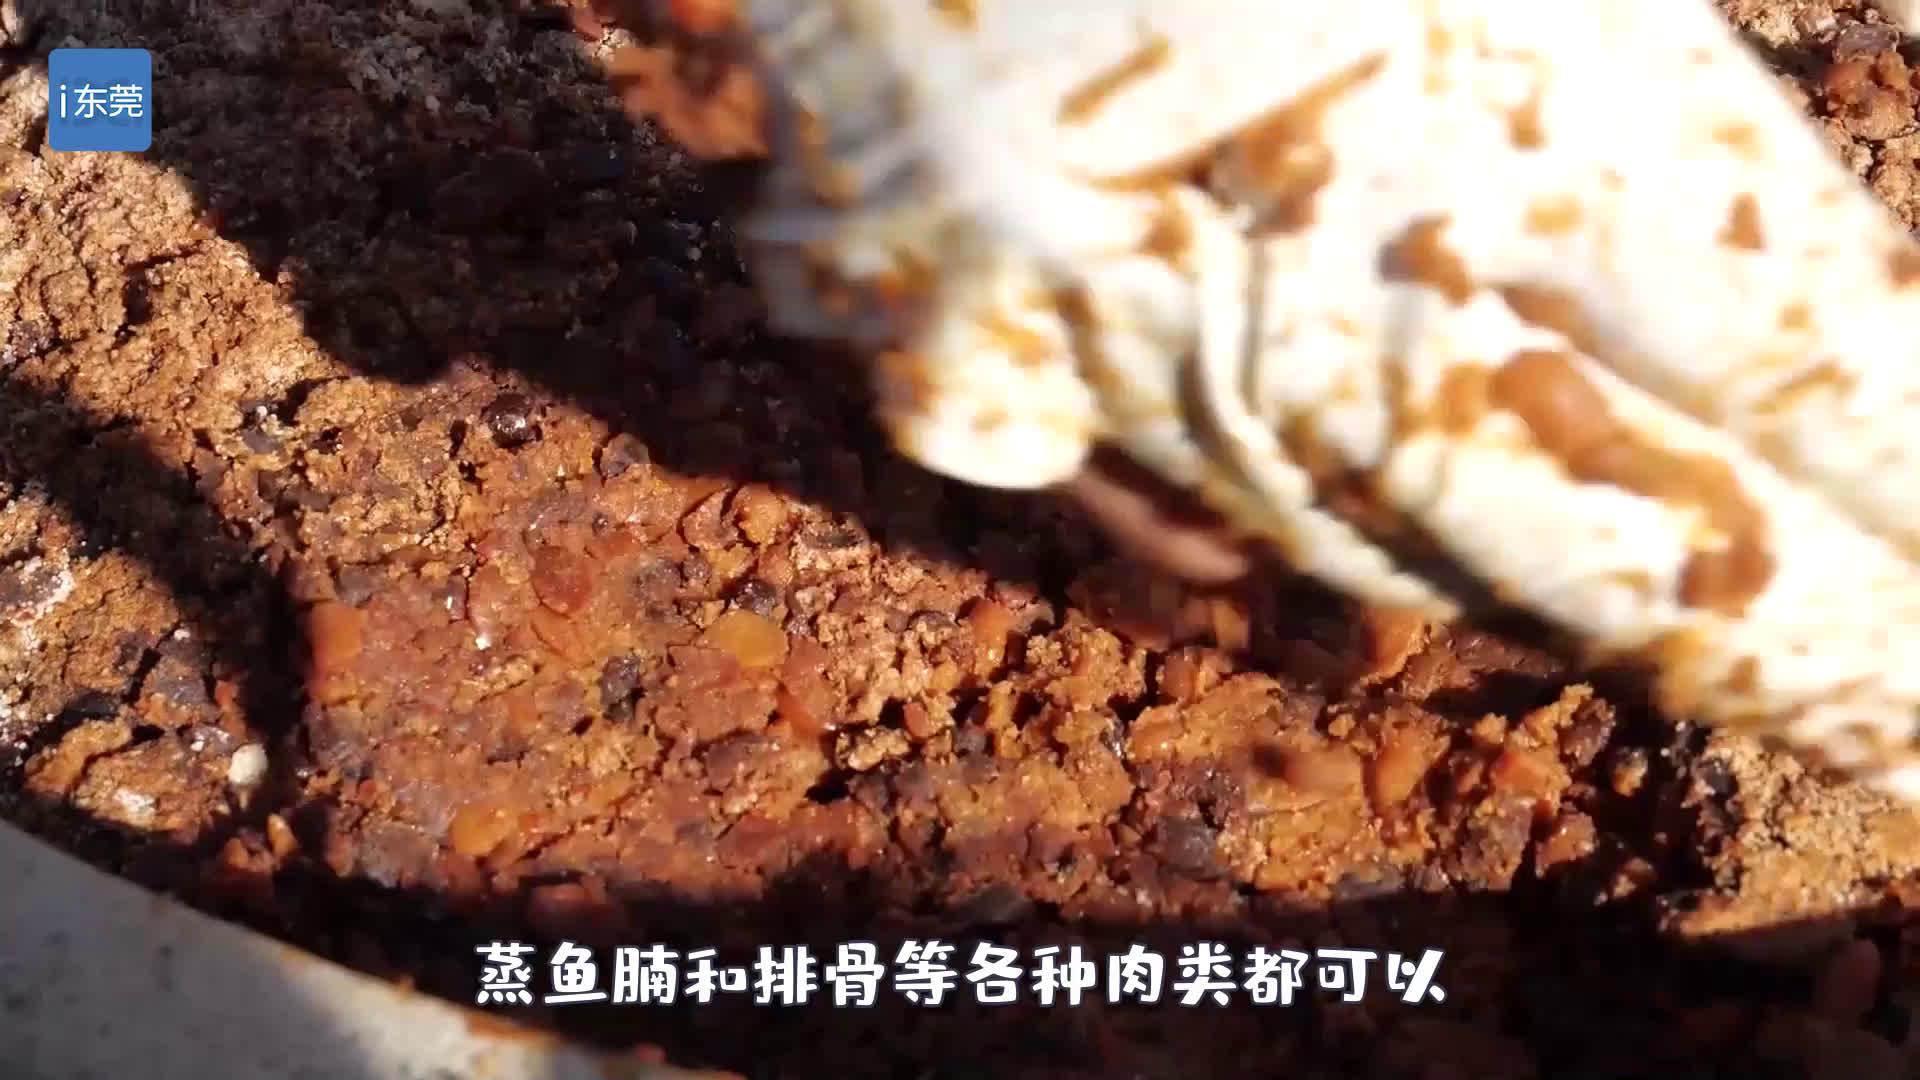 在中国的传统菜系中,常见的调味料便是豆酱~无论什么菜…………